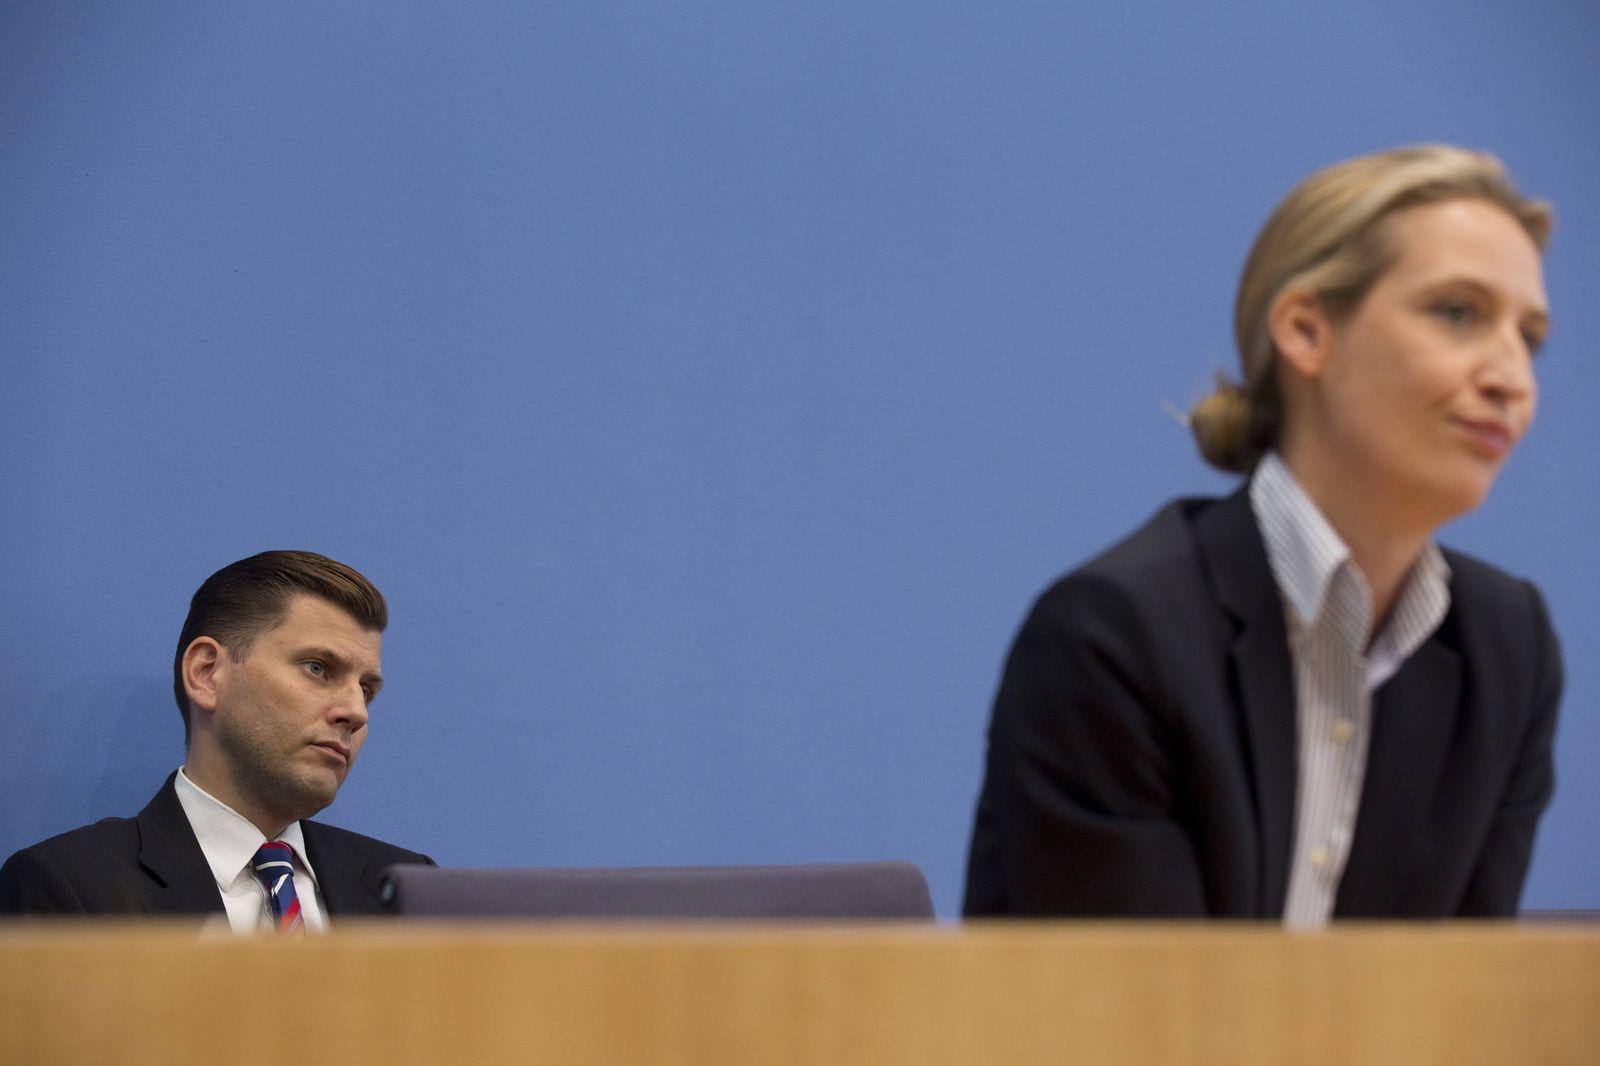 Deutschland, Berlin, Bundespressekonferenz, Thema Auswirkungen der Landtagswahlen auf die Bundespolitik der AfD, Christ